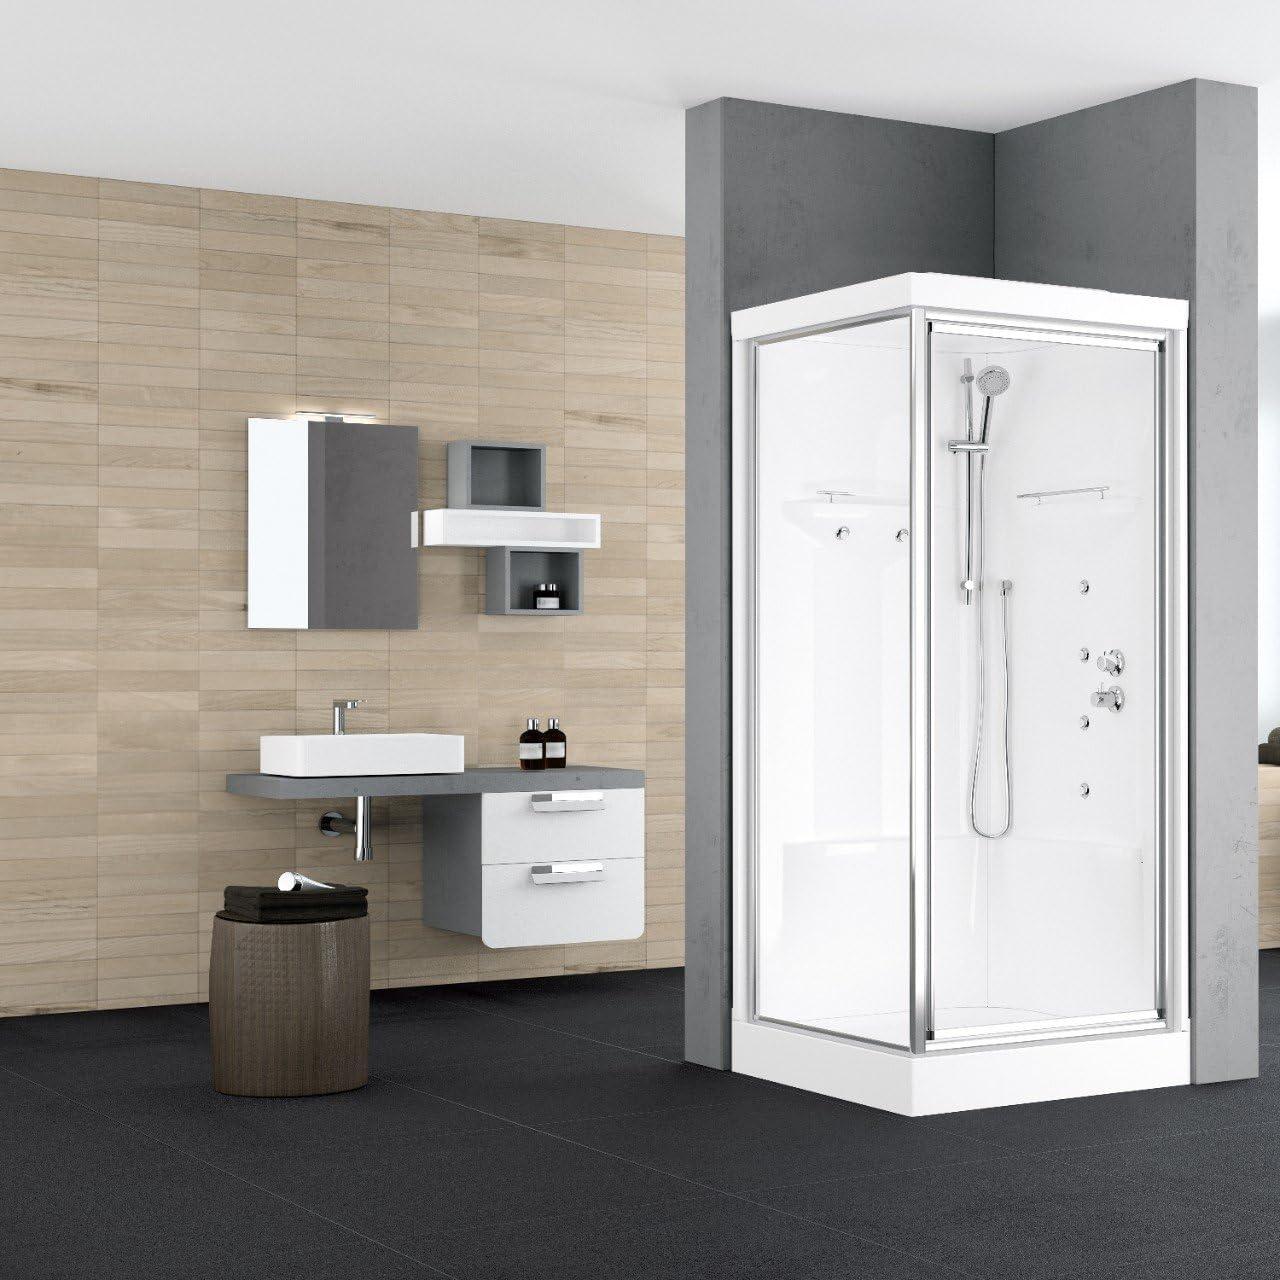 Mampara de ducha multifunción Alba Novellini 120 x 80: Amazon.es: Bricolaje y herramientas